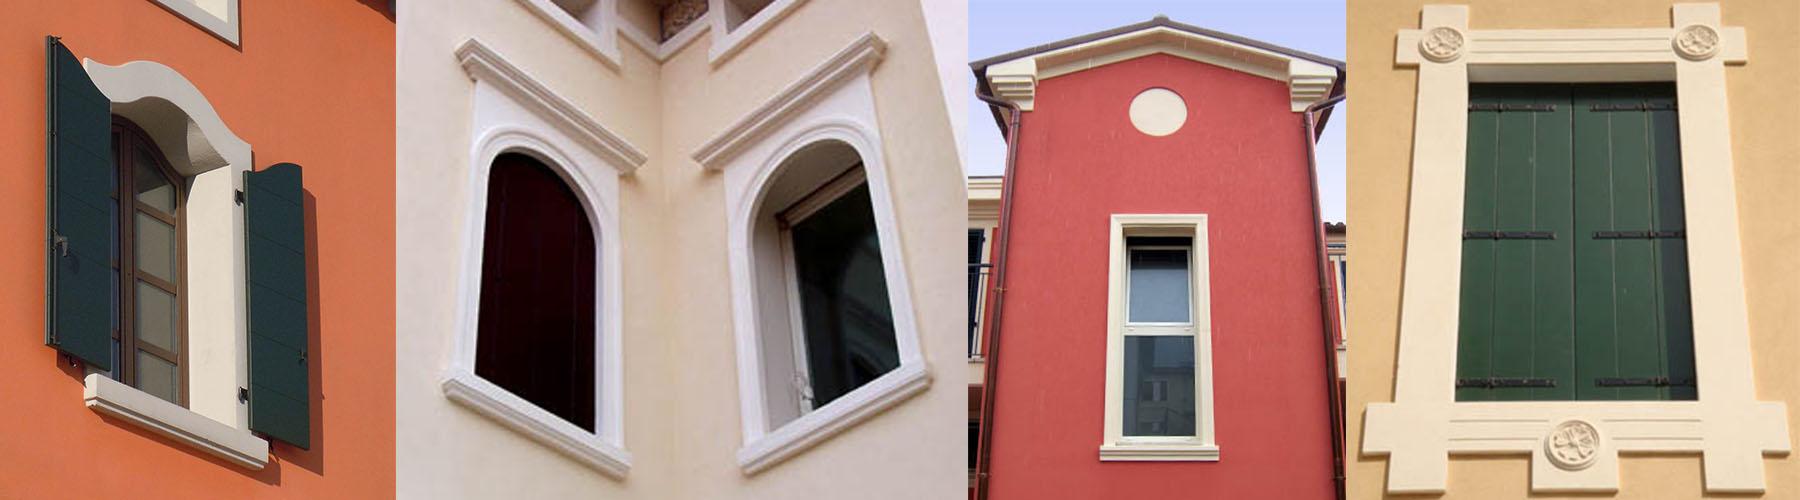 Cornici per finestre esterne in polistirolo, contorni finestra